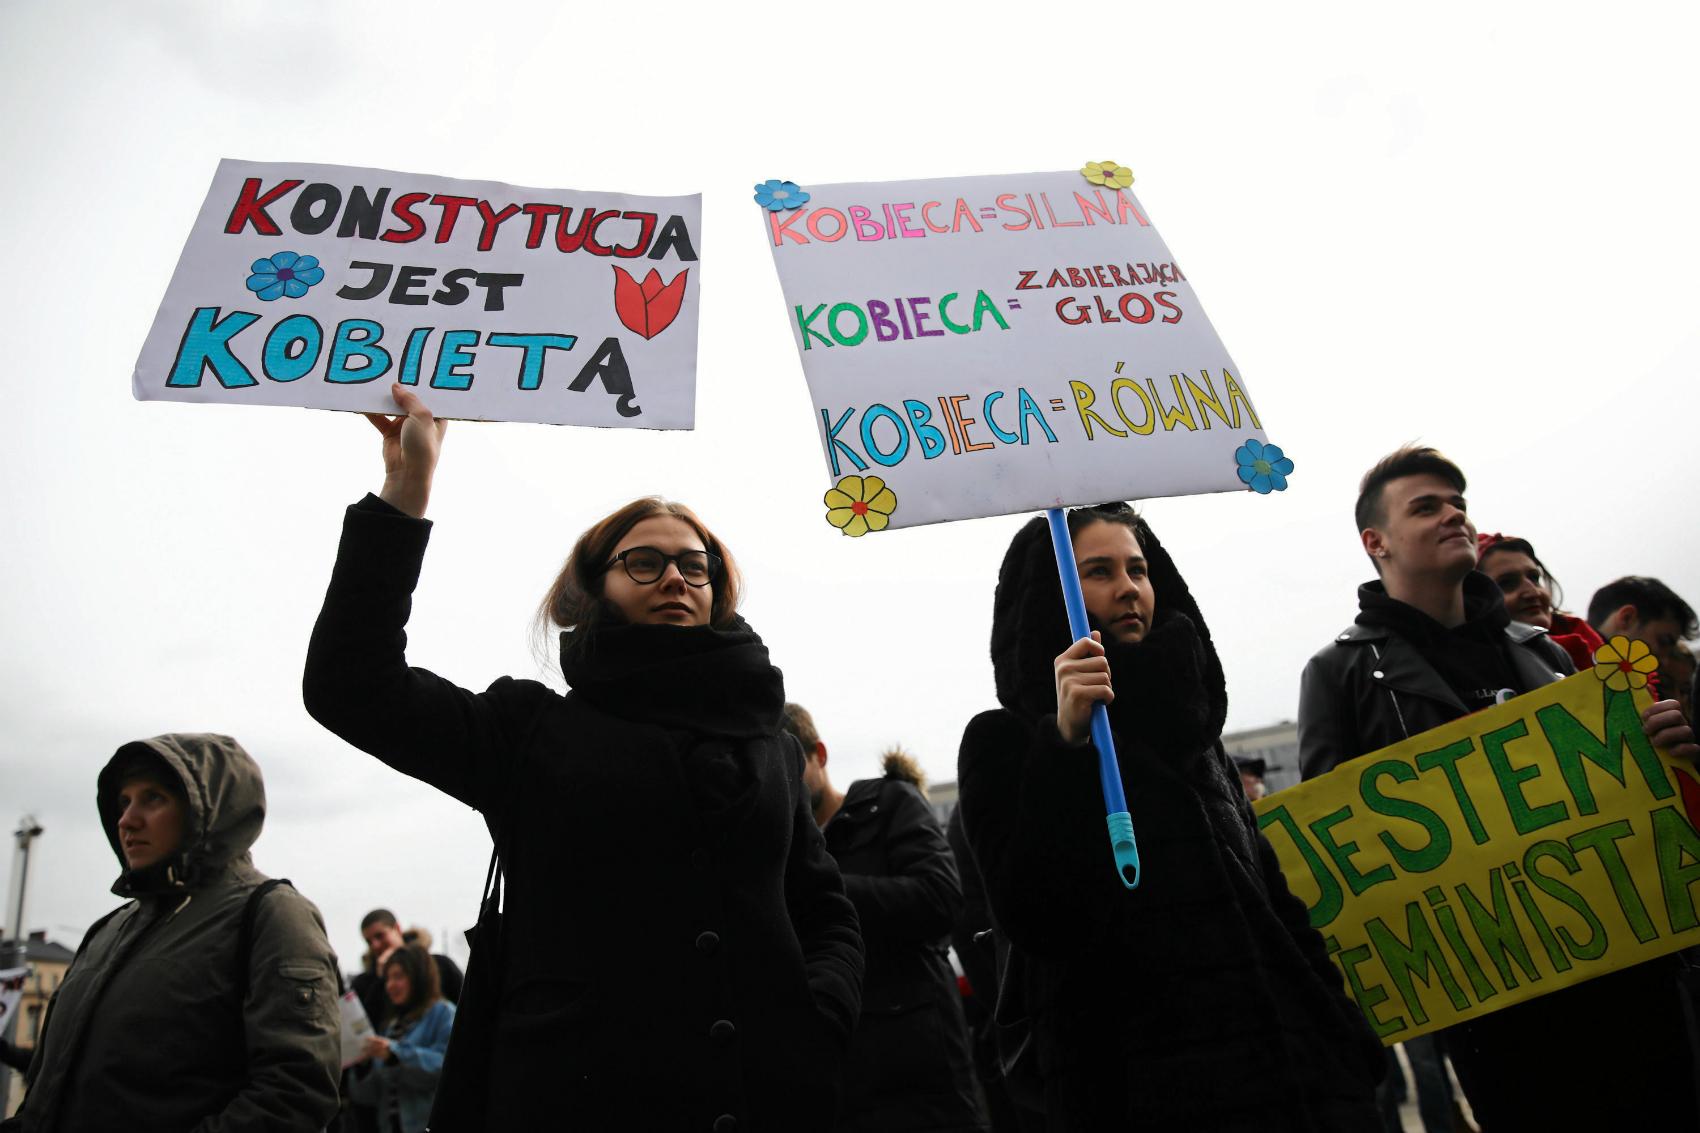 10.03.2019 Kraków. XV Krakowska Manifa (fot: Jakub Porzycki/ Agencja Gazeta)